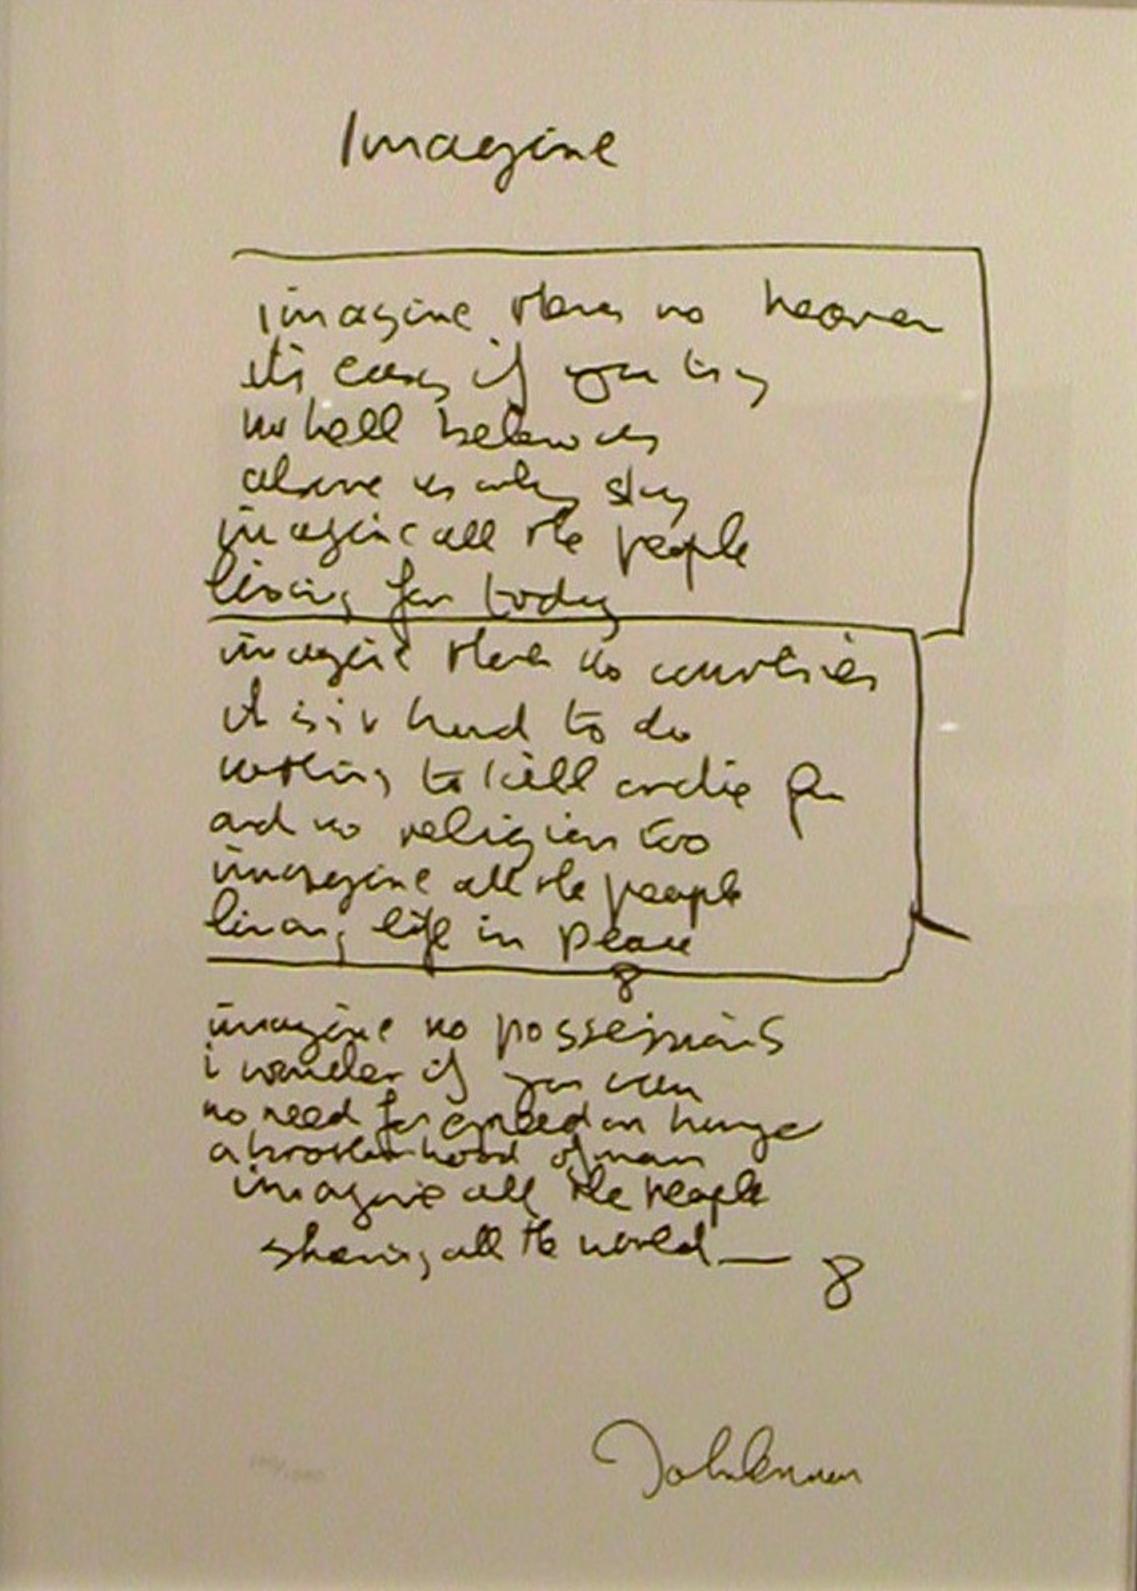 Imagine lyric artwork by John Lennon - art listed for sale on Artplode